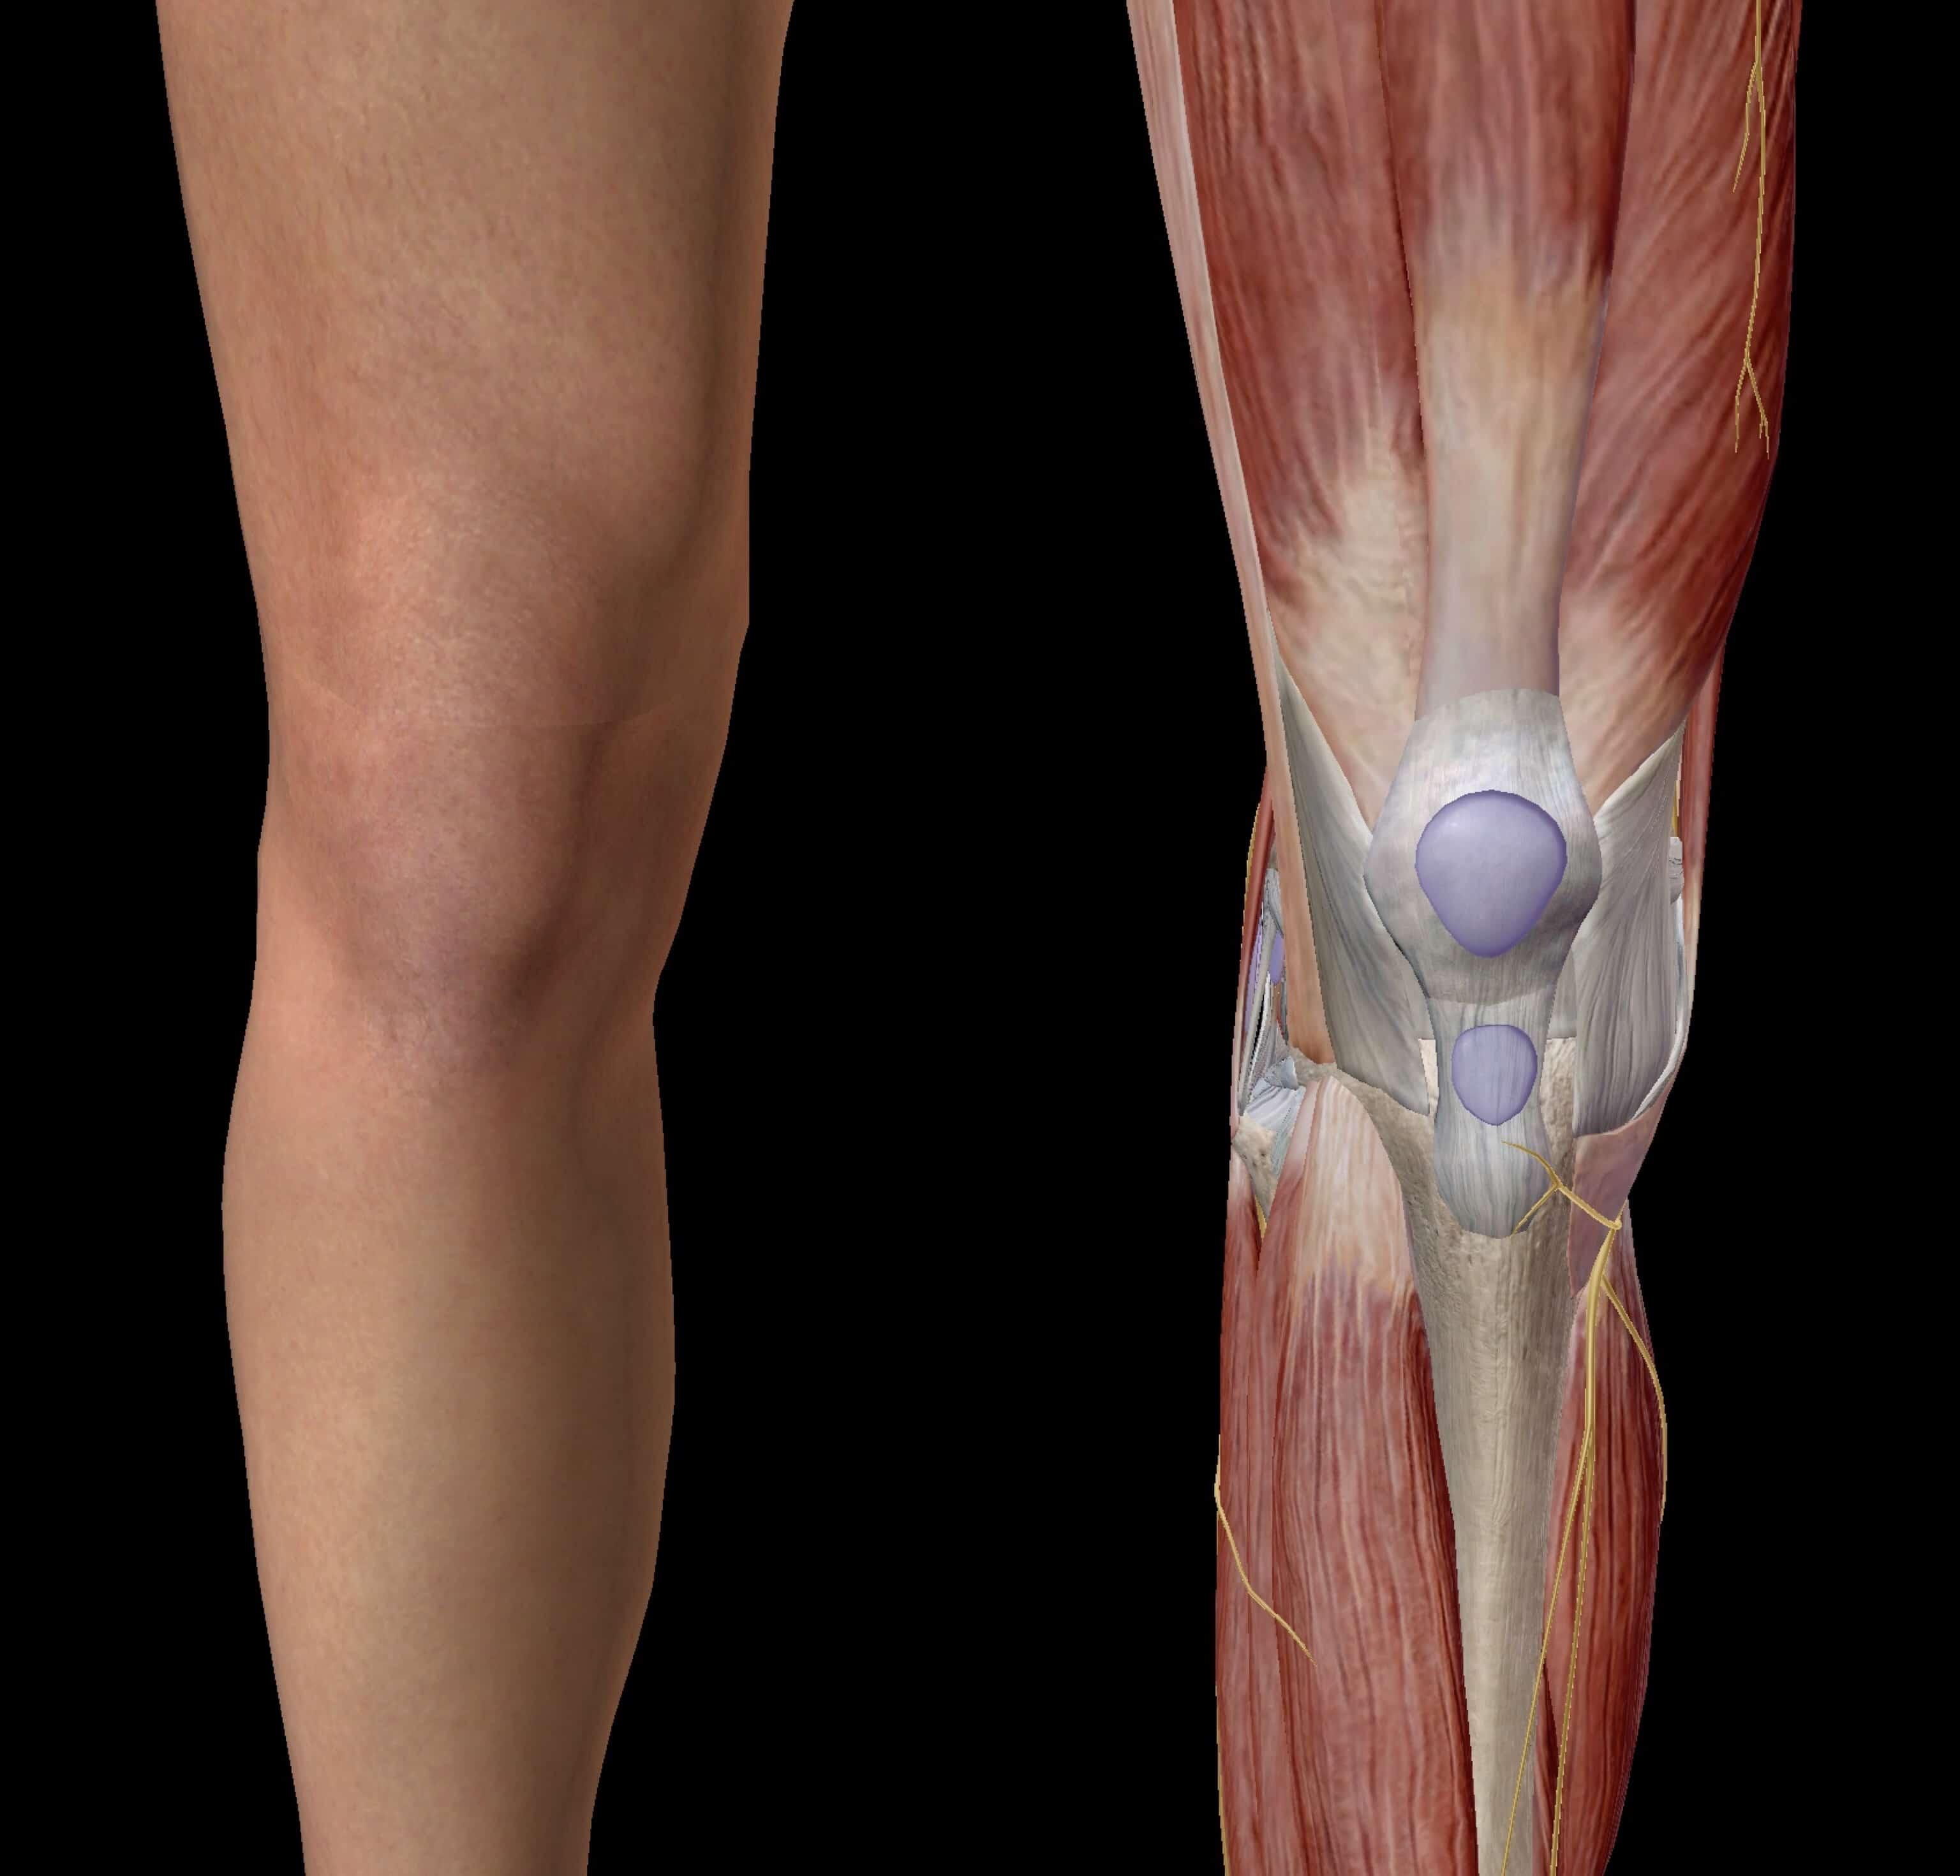 膝の体表図と筋肉図の対比